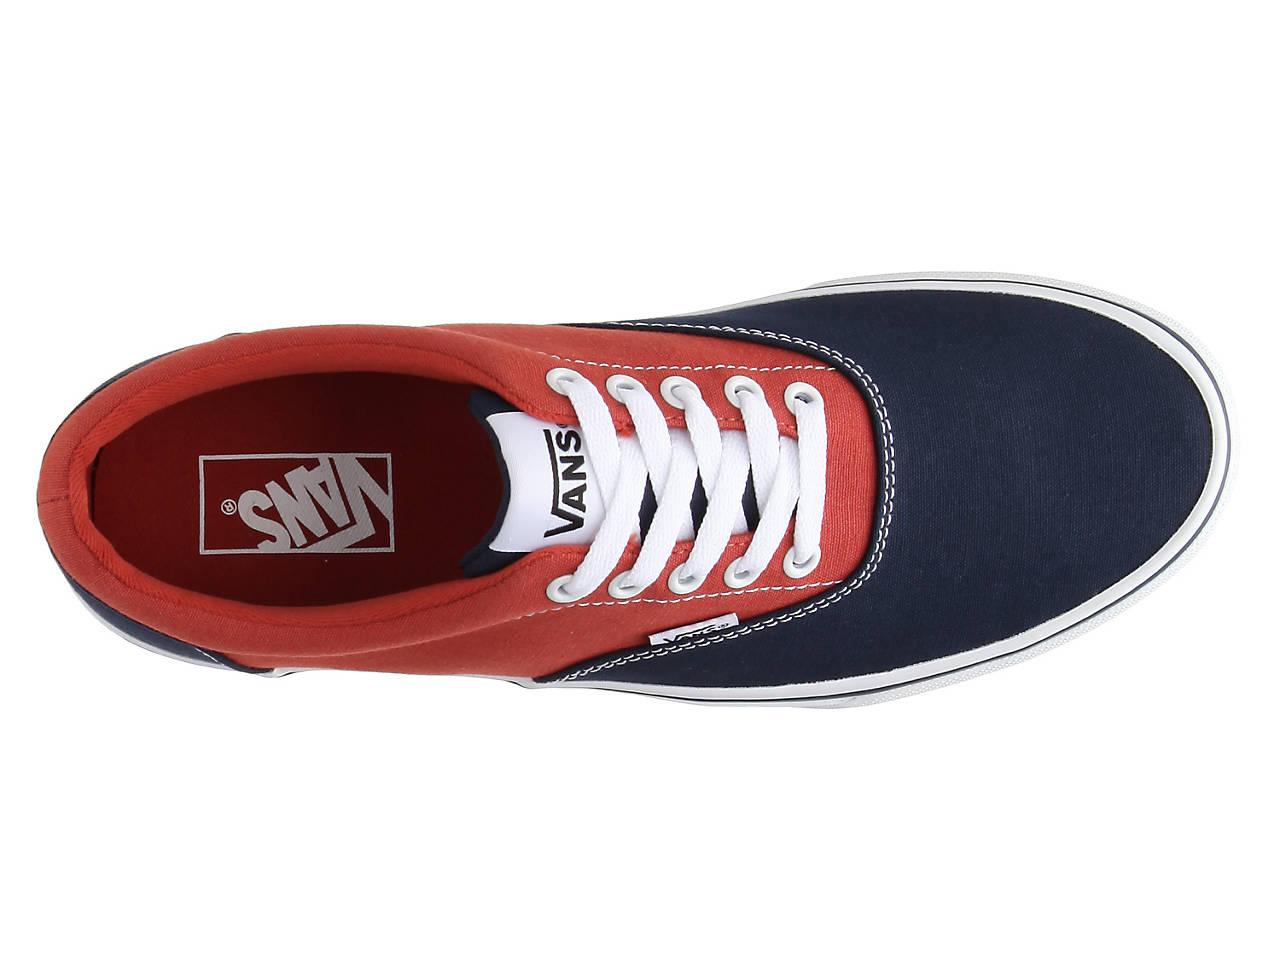 Vans Doheny Sneaker Men's Men's Shoes DSW  DSW